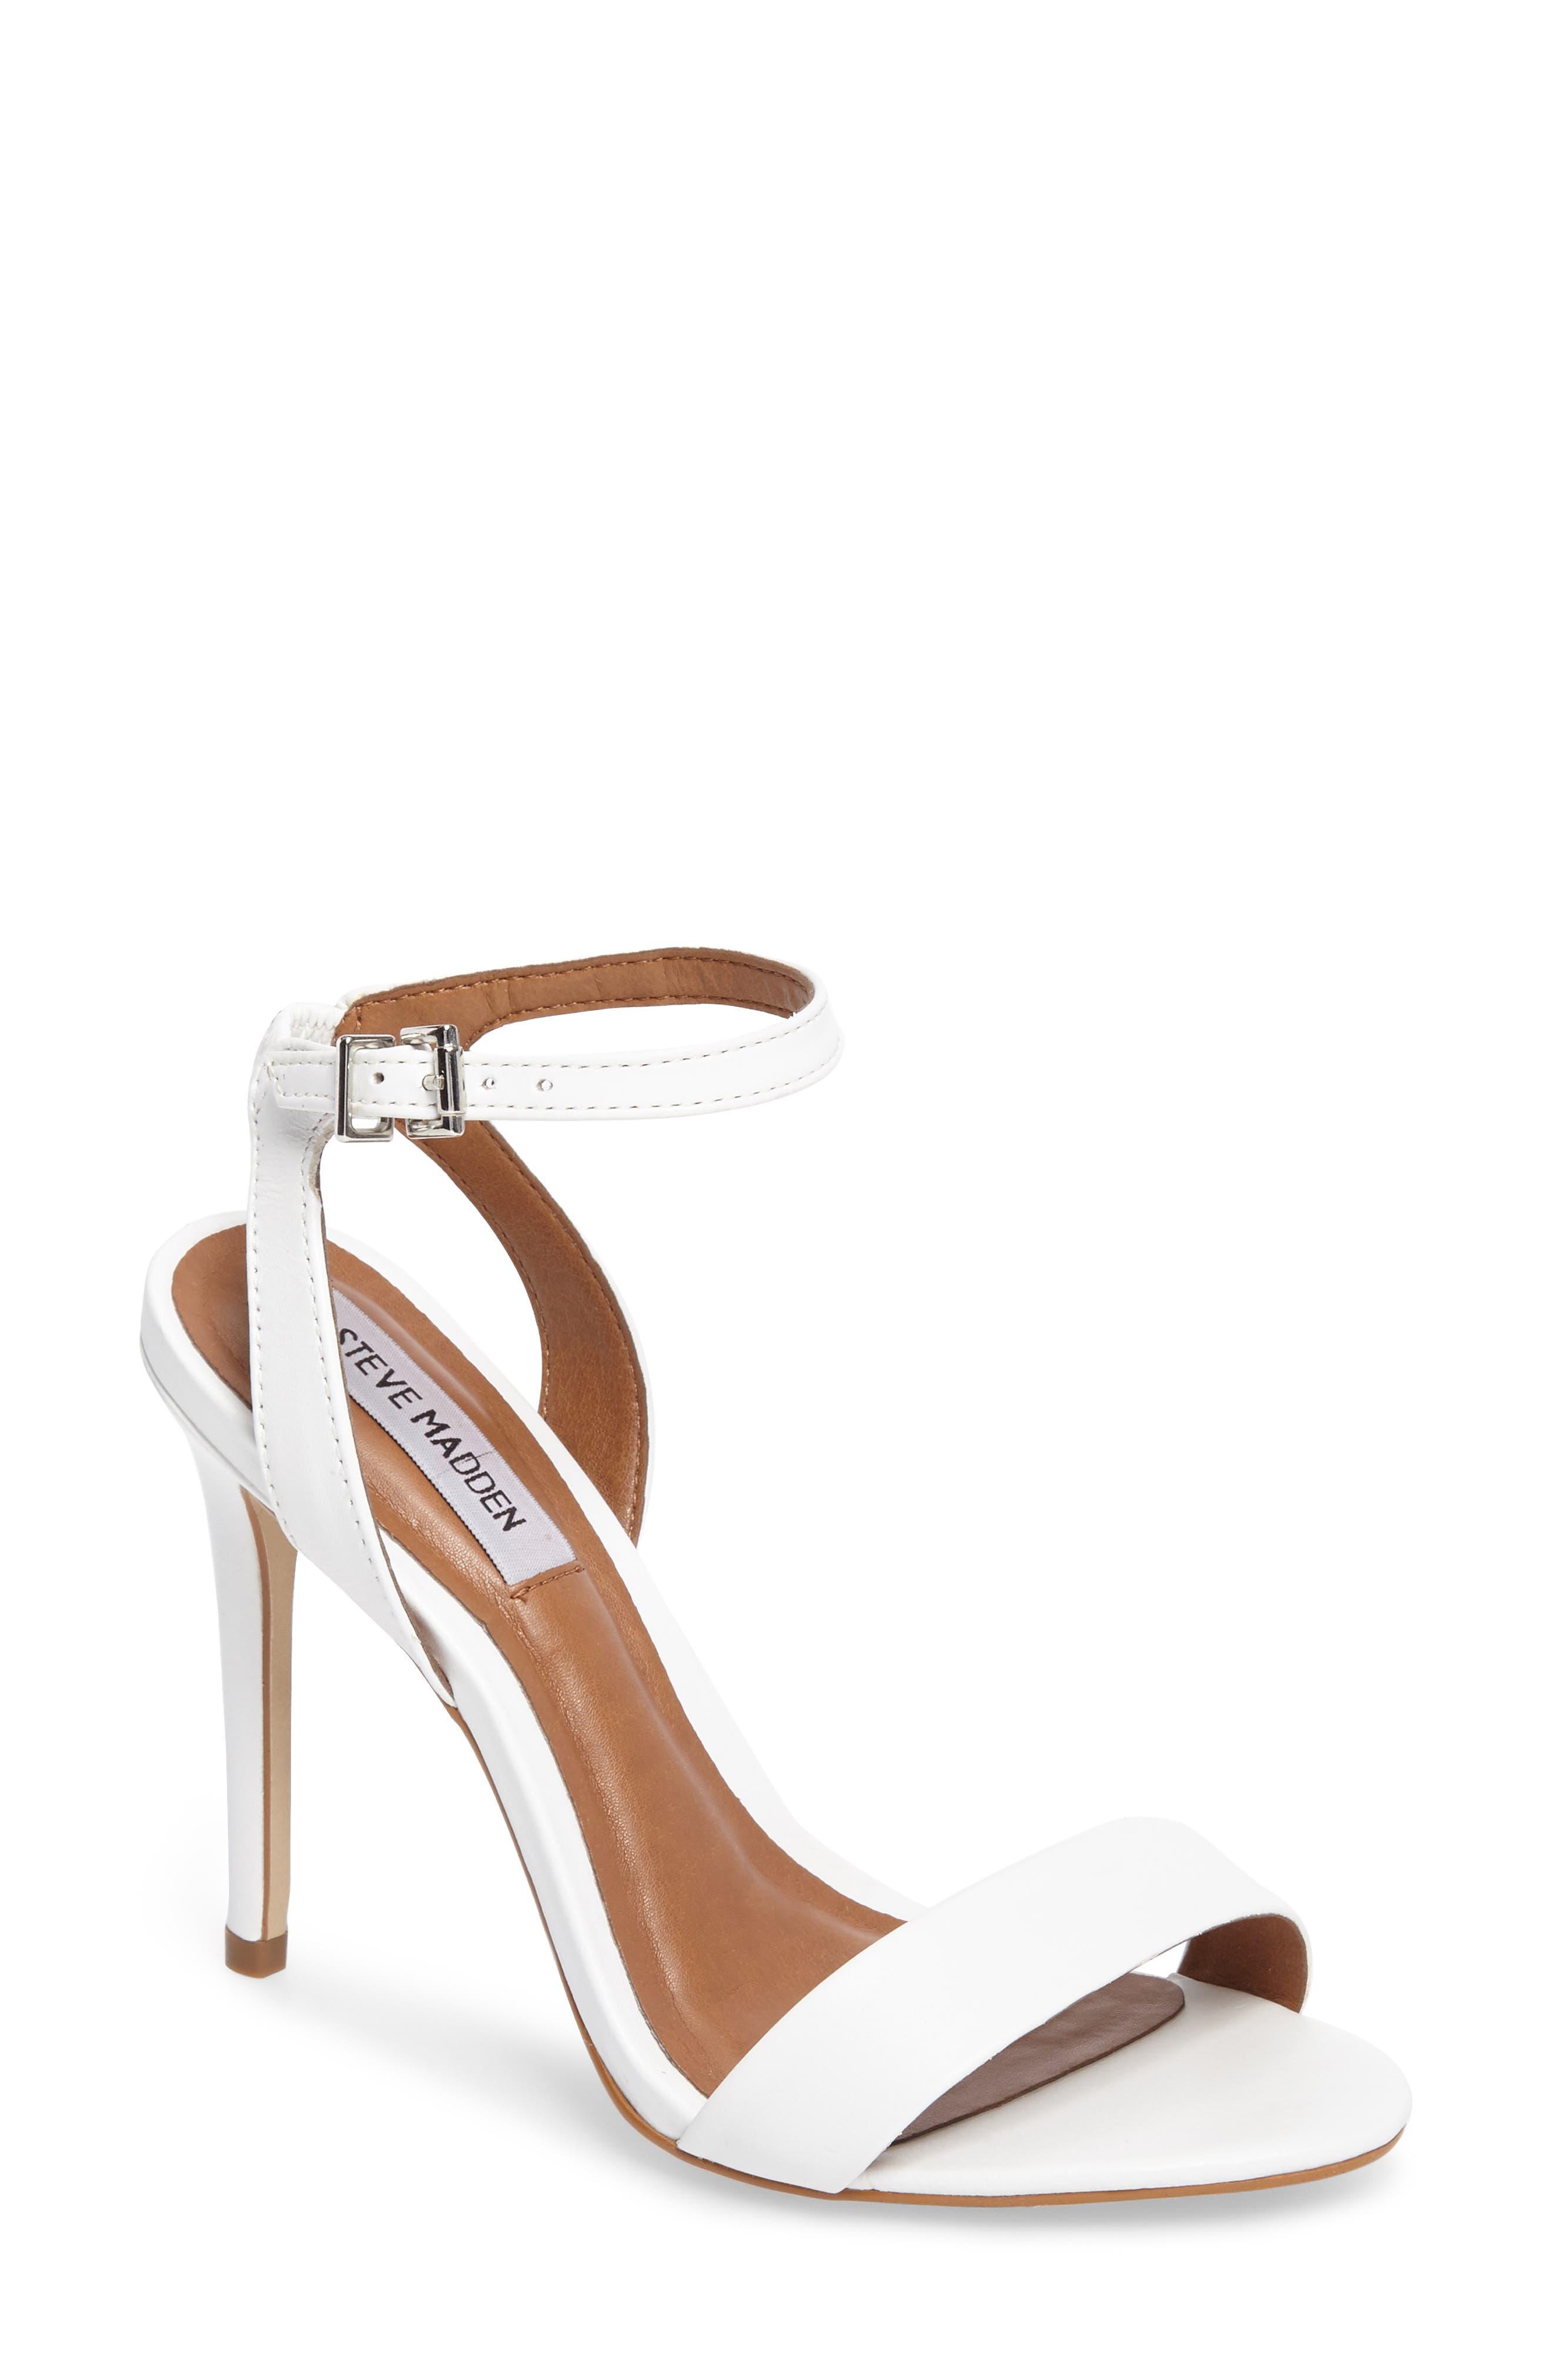 Landen Ankle Strap Sandal,                             Main thumbnail 4, color,